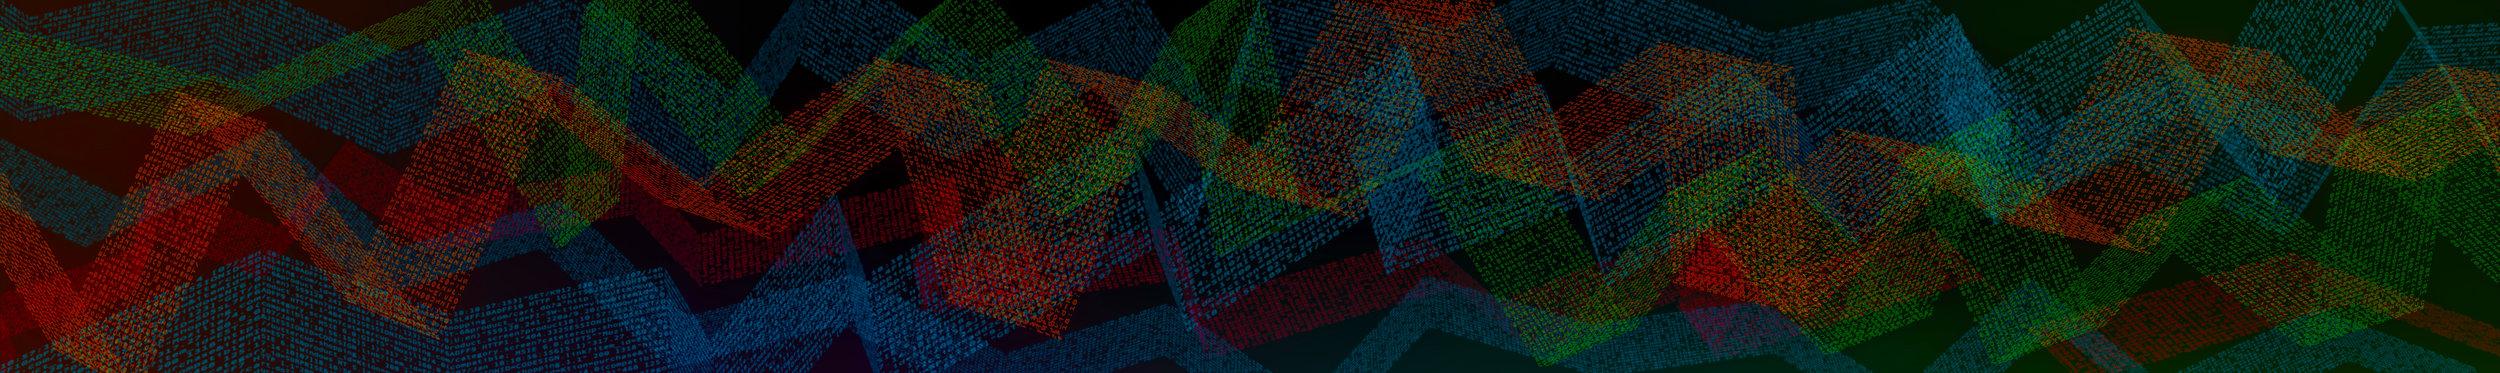 Splunk .conf18 Graphics Wall Mountain Data Graphic